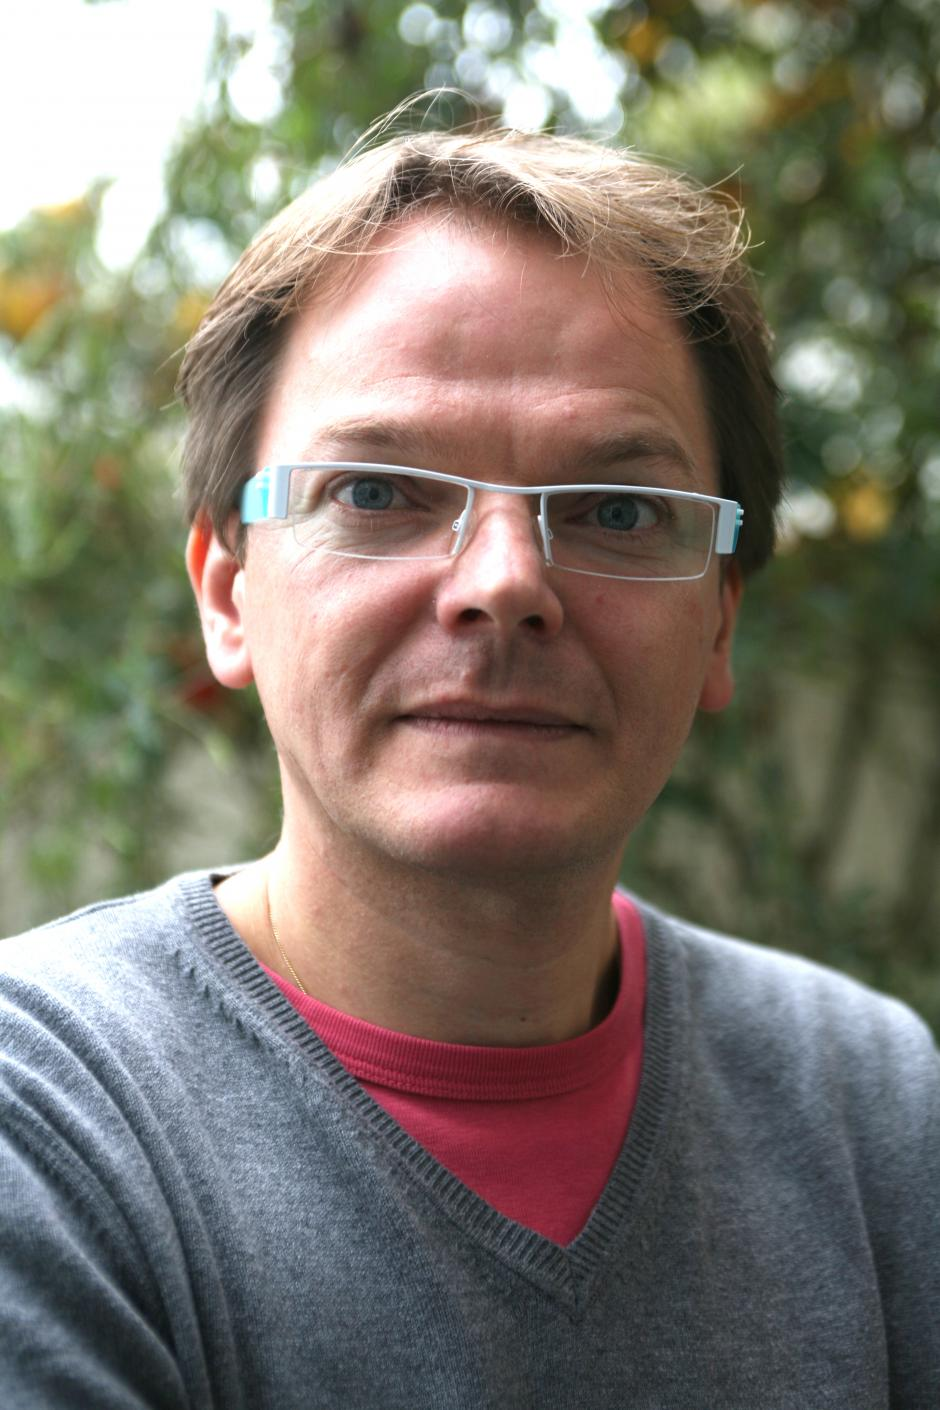 Trois questions à Gwenaël Le Paih, secrétaire académique du SNES-FSU (interview de l'Avenir version longue)